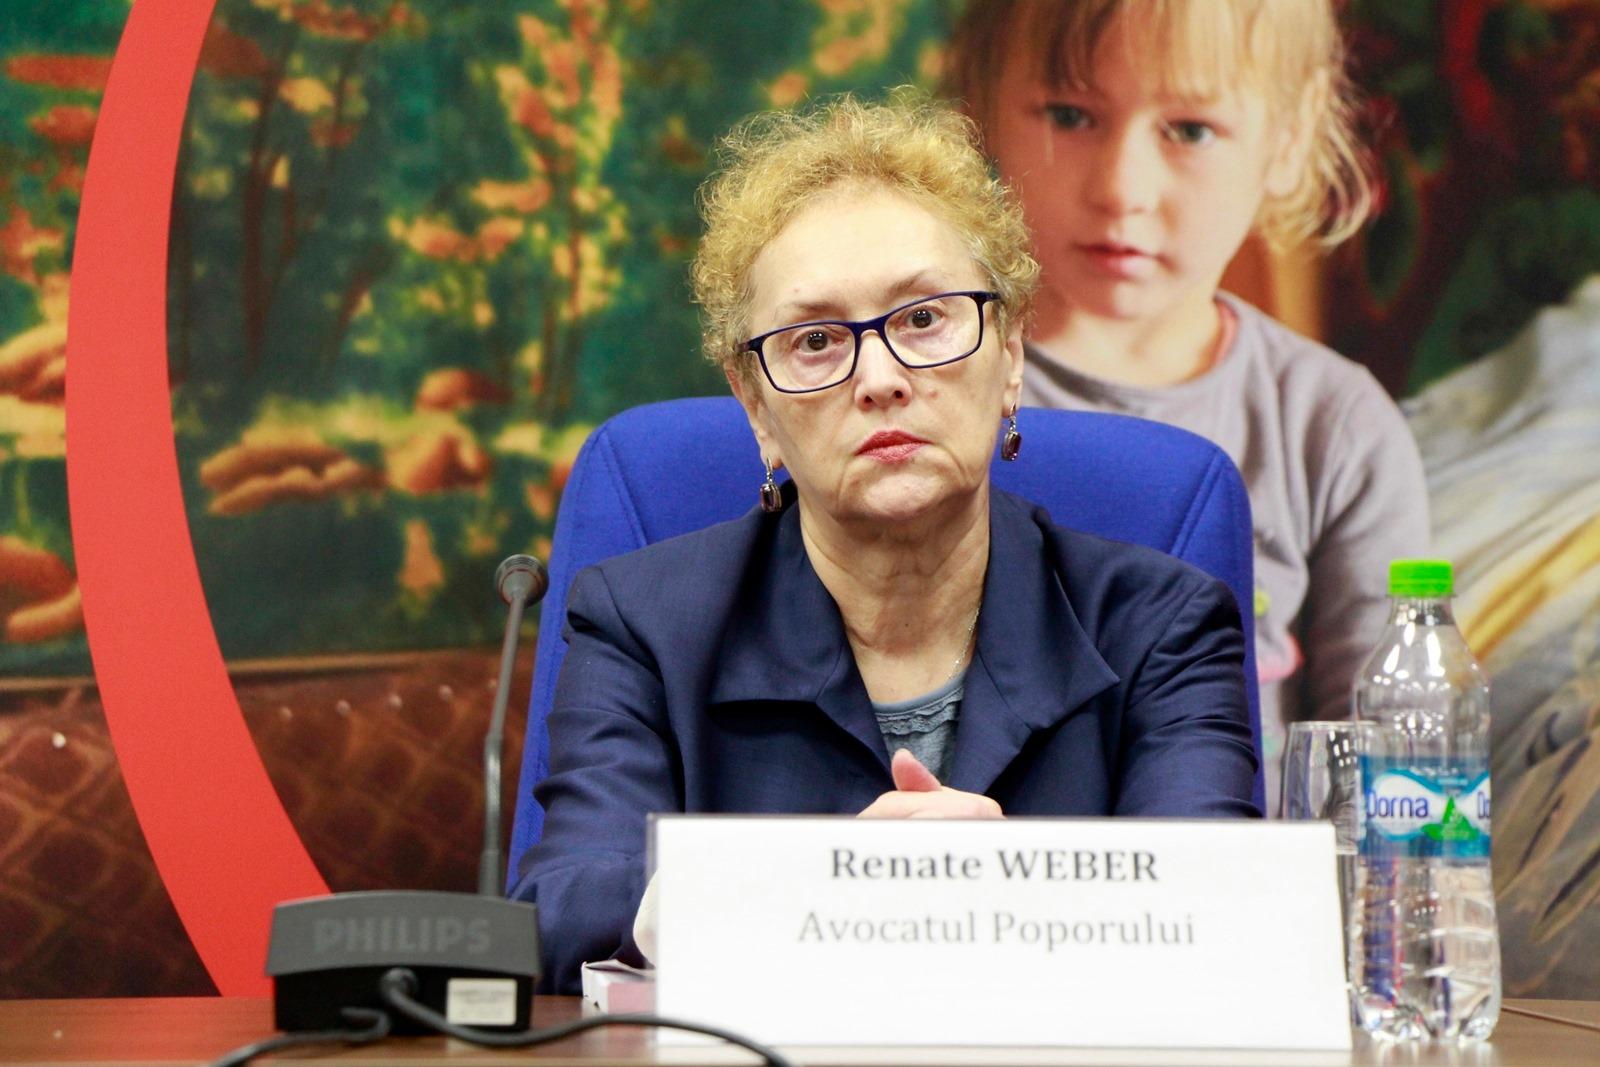 RAPORT PRIVIND RESPECTAREA DREPTURILOR COPILULUI ÎN ROMÂNIA (2019) – Salvați Copiii/Avocatul Poporului